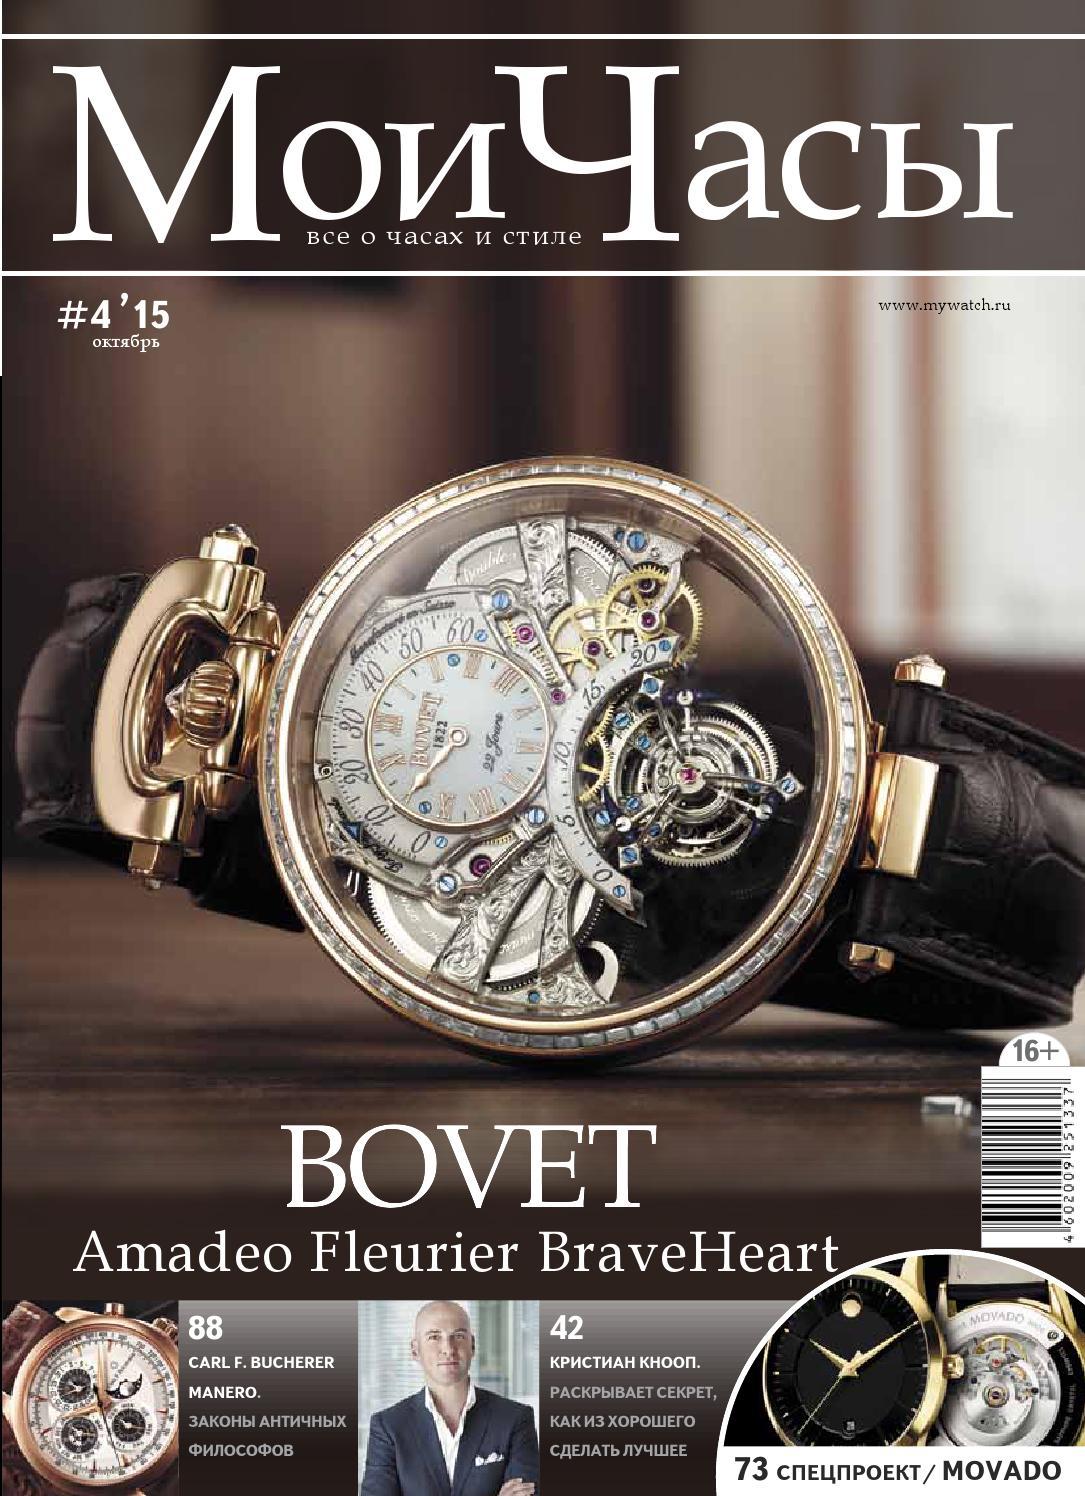 Работы вежа новороссийск ломбард белая часы в часы где твери продать